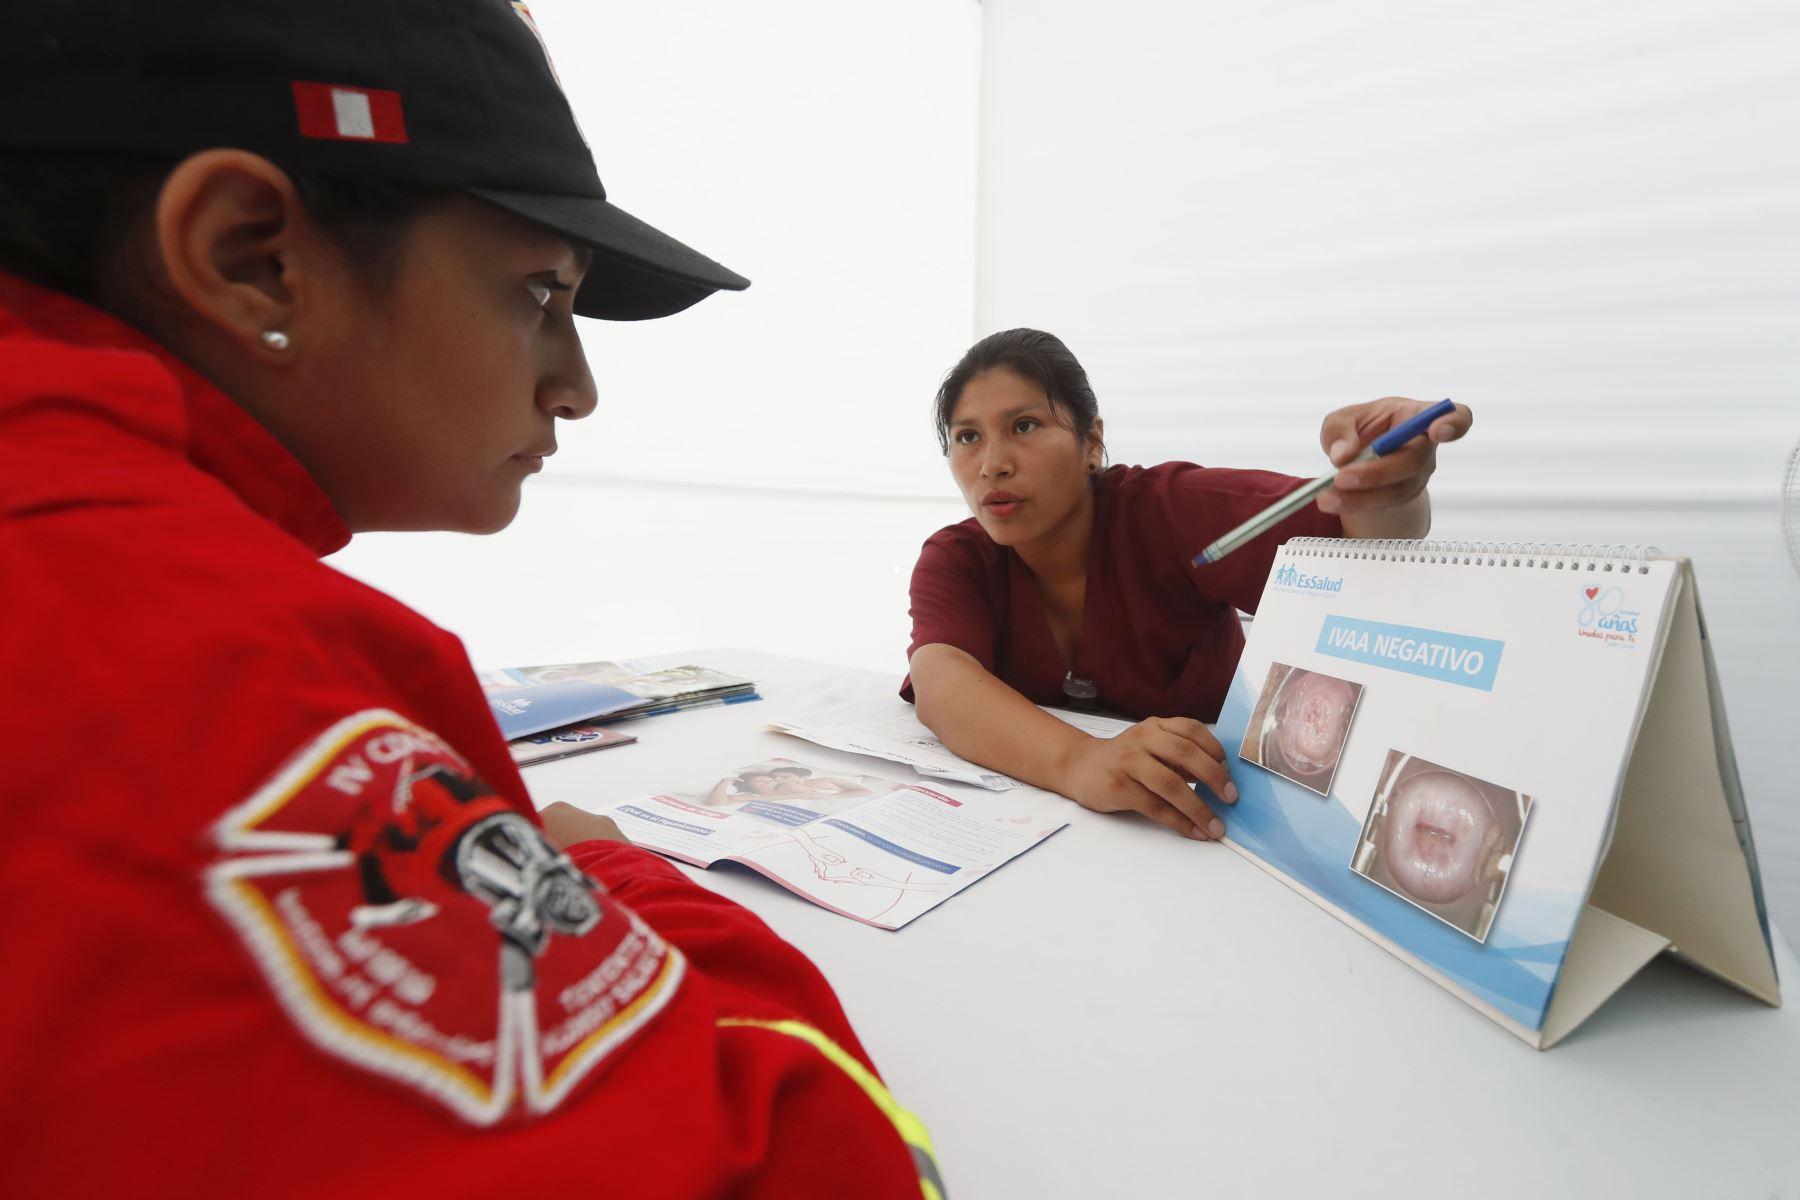 La presidenta de EsSalud, Fiorella Molinelli, firmó un convenio con la Cuerpo General de Bomberos Voluntarios del Perú, con la finalidad de brindar servicios de salud gratuito a sus más de 18 mil miembros a nivel nacional y sus familiares. Foto: ANDINA/ Renato Pajuelo